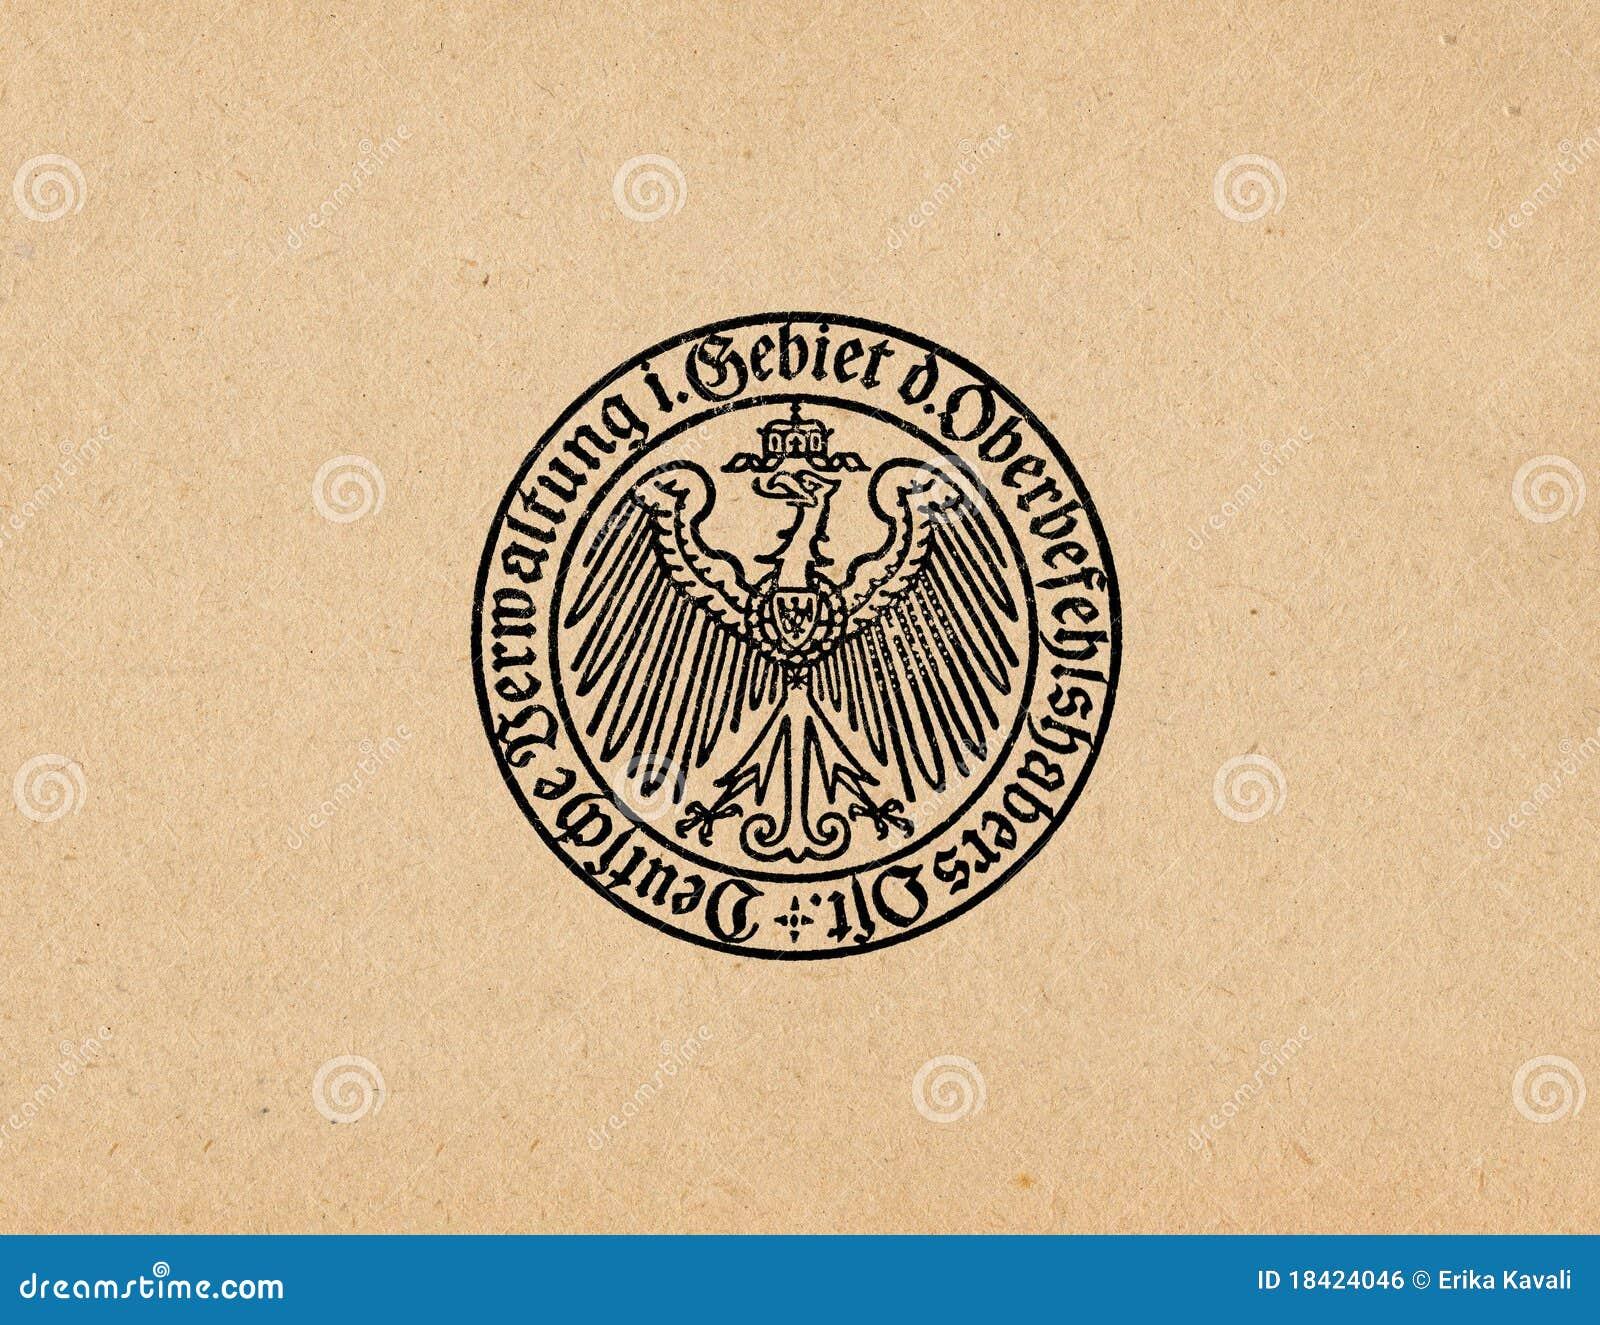 Águila alemana ww2 del Reich de Ober Ost